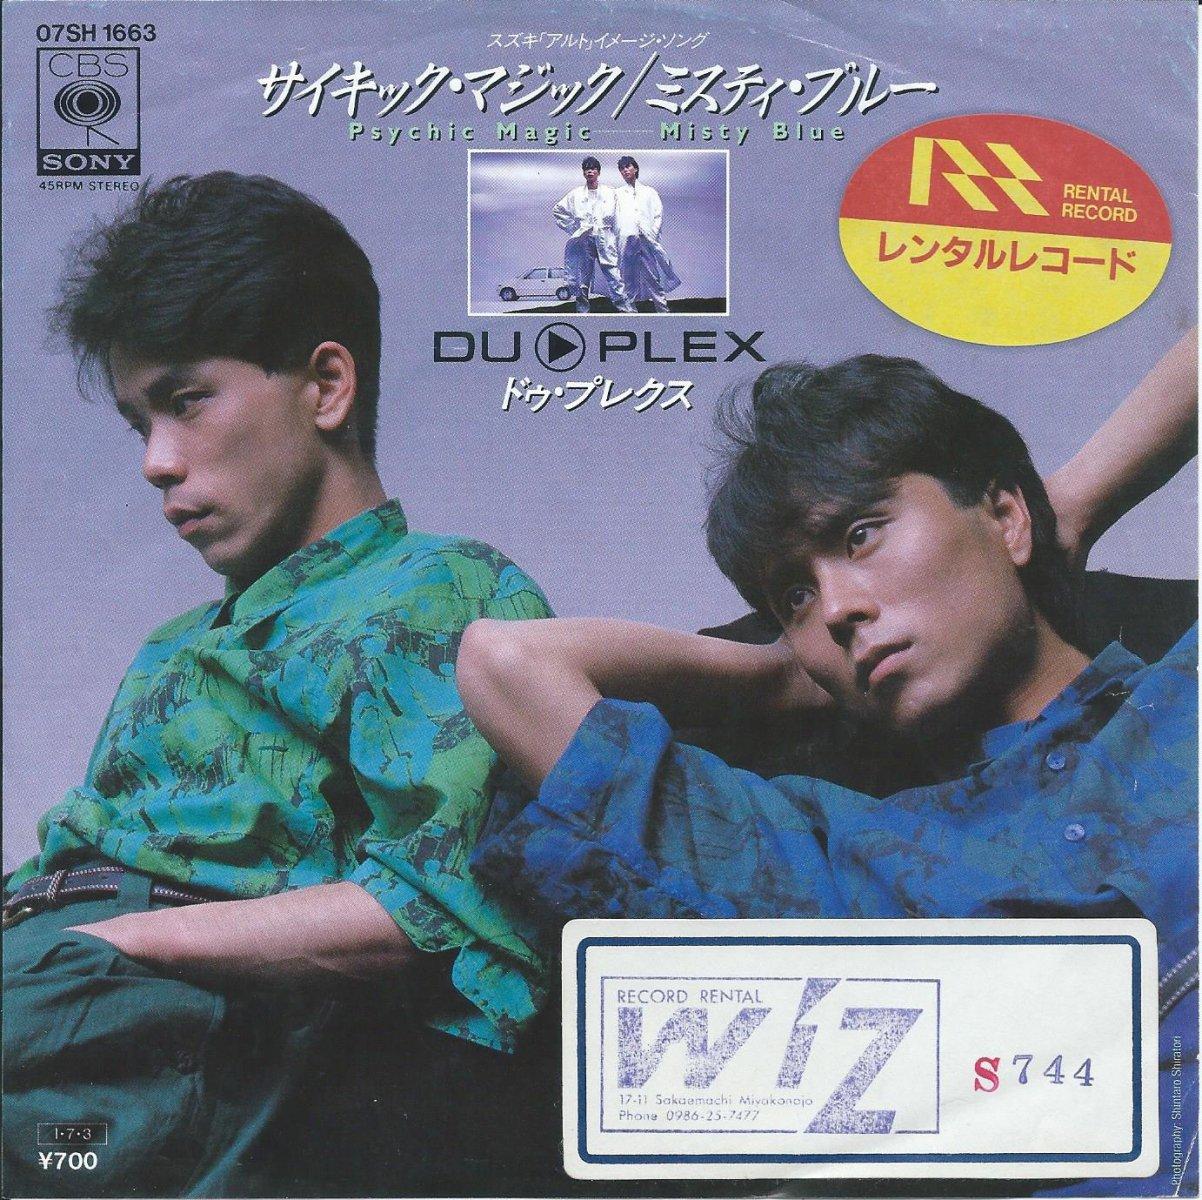 ドゥ・プレクス DU PLEX / サイキック・マジック / ミスティ・ブルー (7